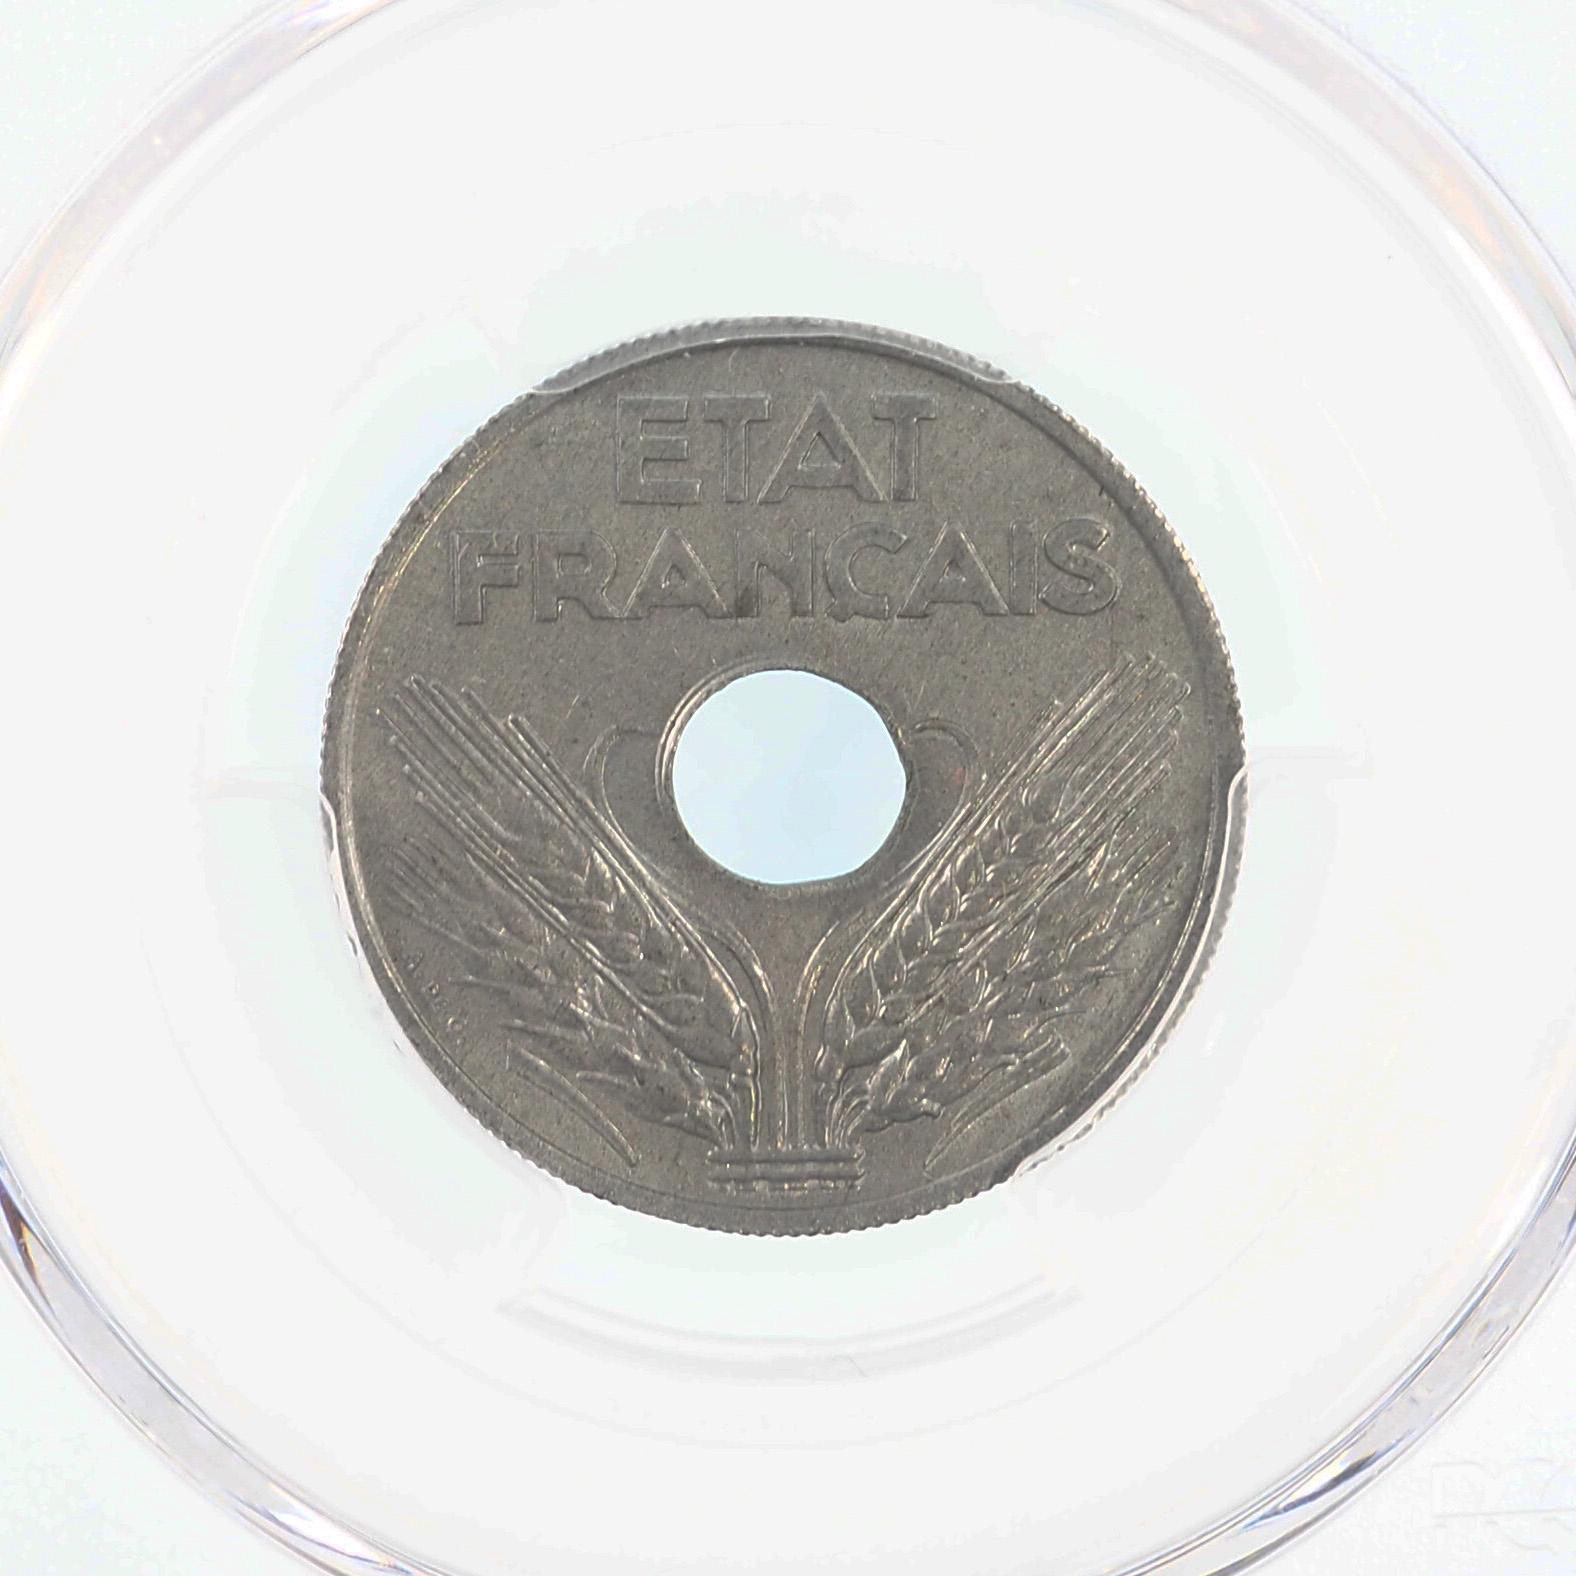 France, 20 centimes 1944, Zinc, SPL, Gad. 321, PCGS MS63